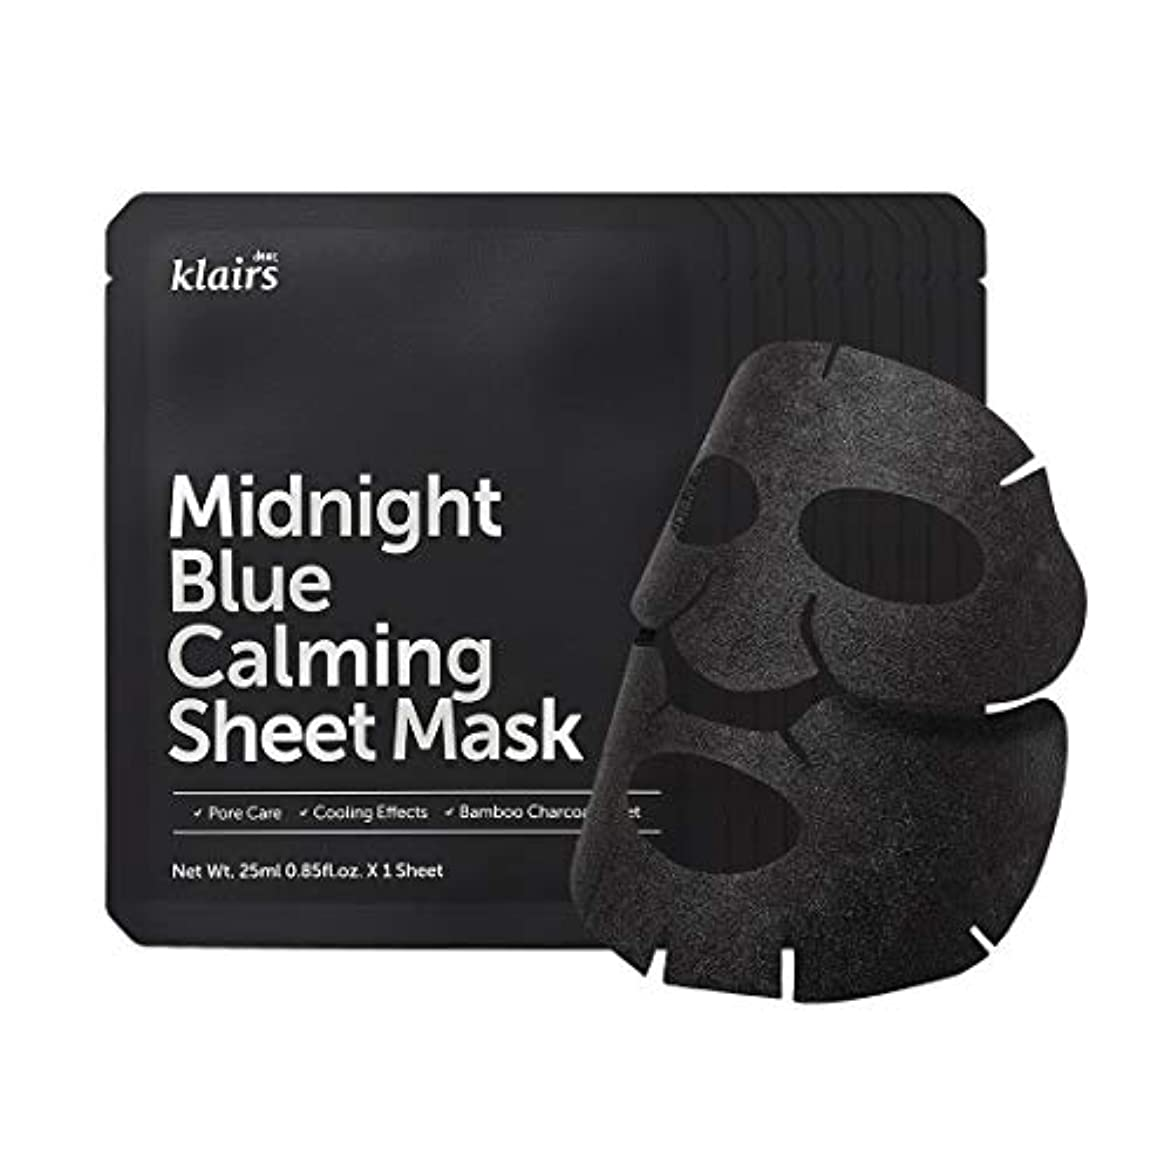 肌寒い実験プロジェクタークレアスミッドナイトブルーカーミングクリーム25mlX10枚セット (Klairs Midnight Blue Calming Sheet Mask 25mlX10ea) [並行輸入品]